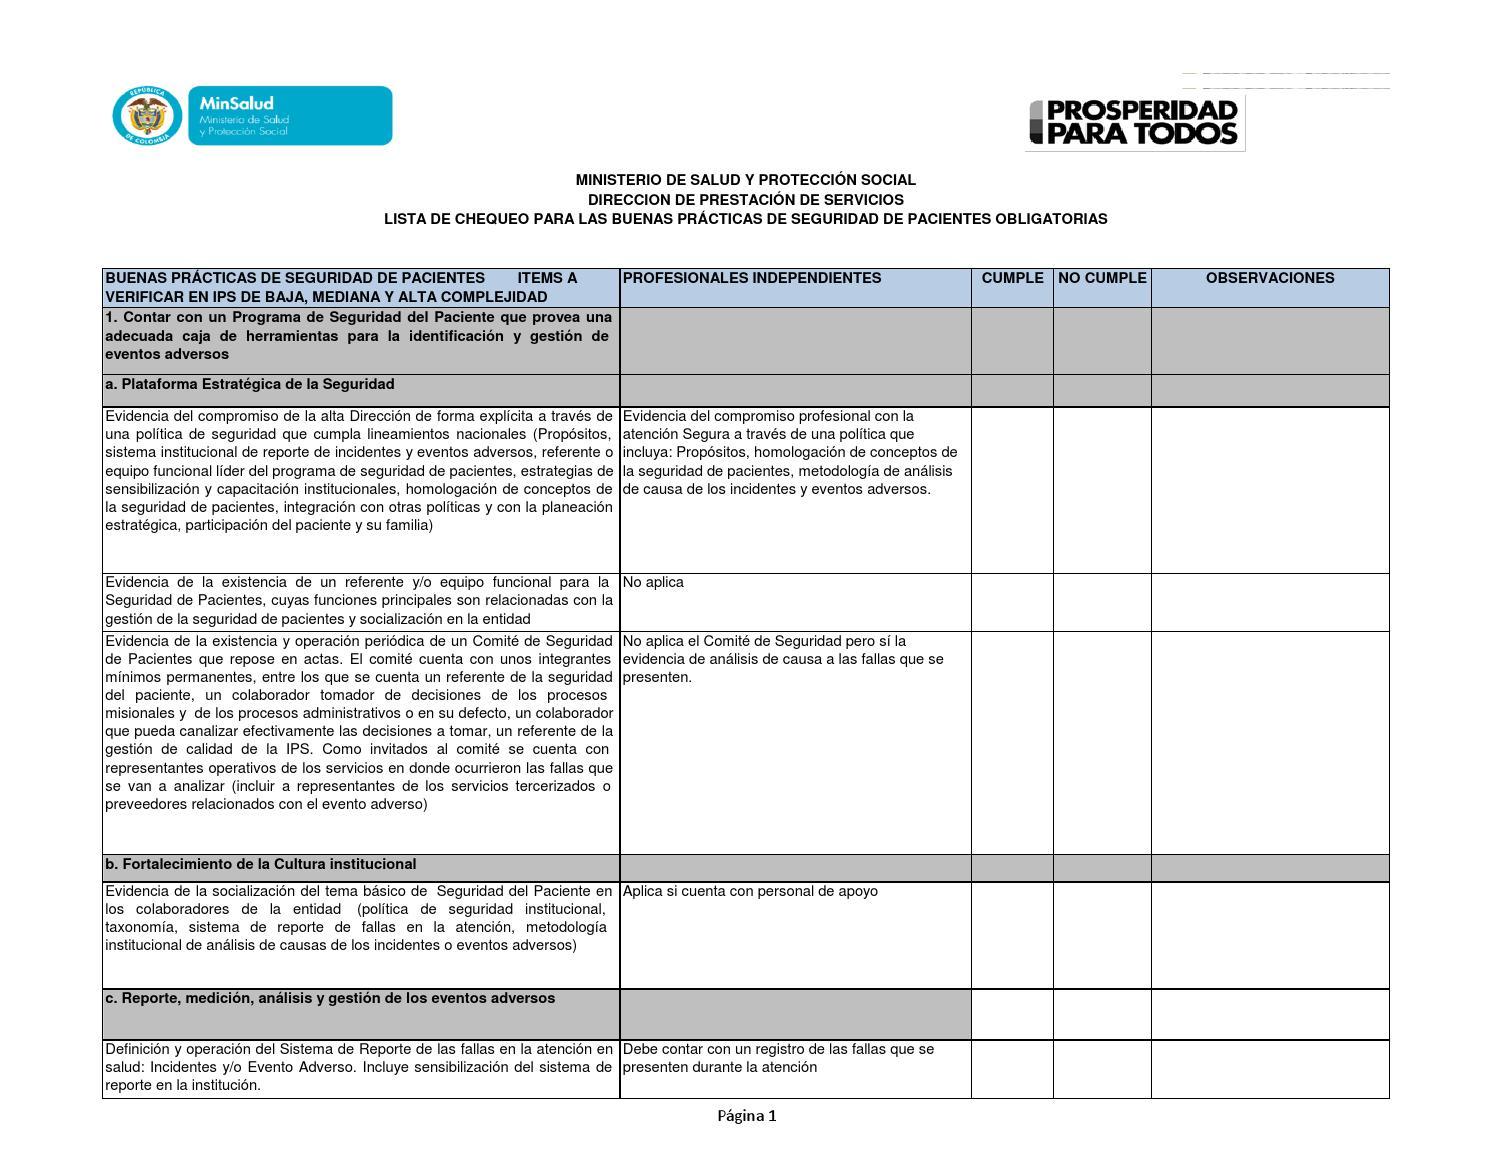 Lista de chequeo para las buenas prácticas de seguridad de pacientes ...